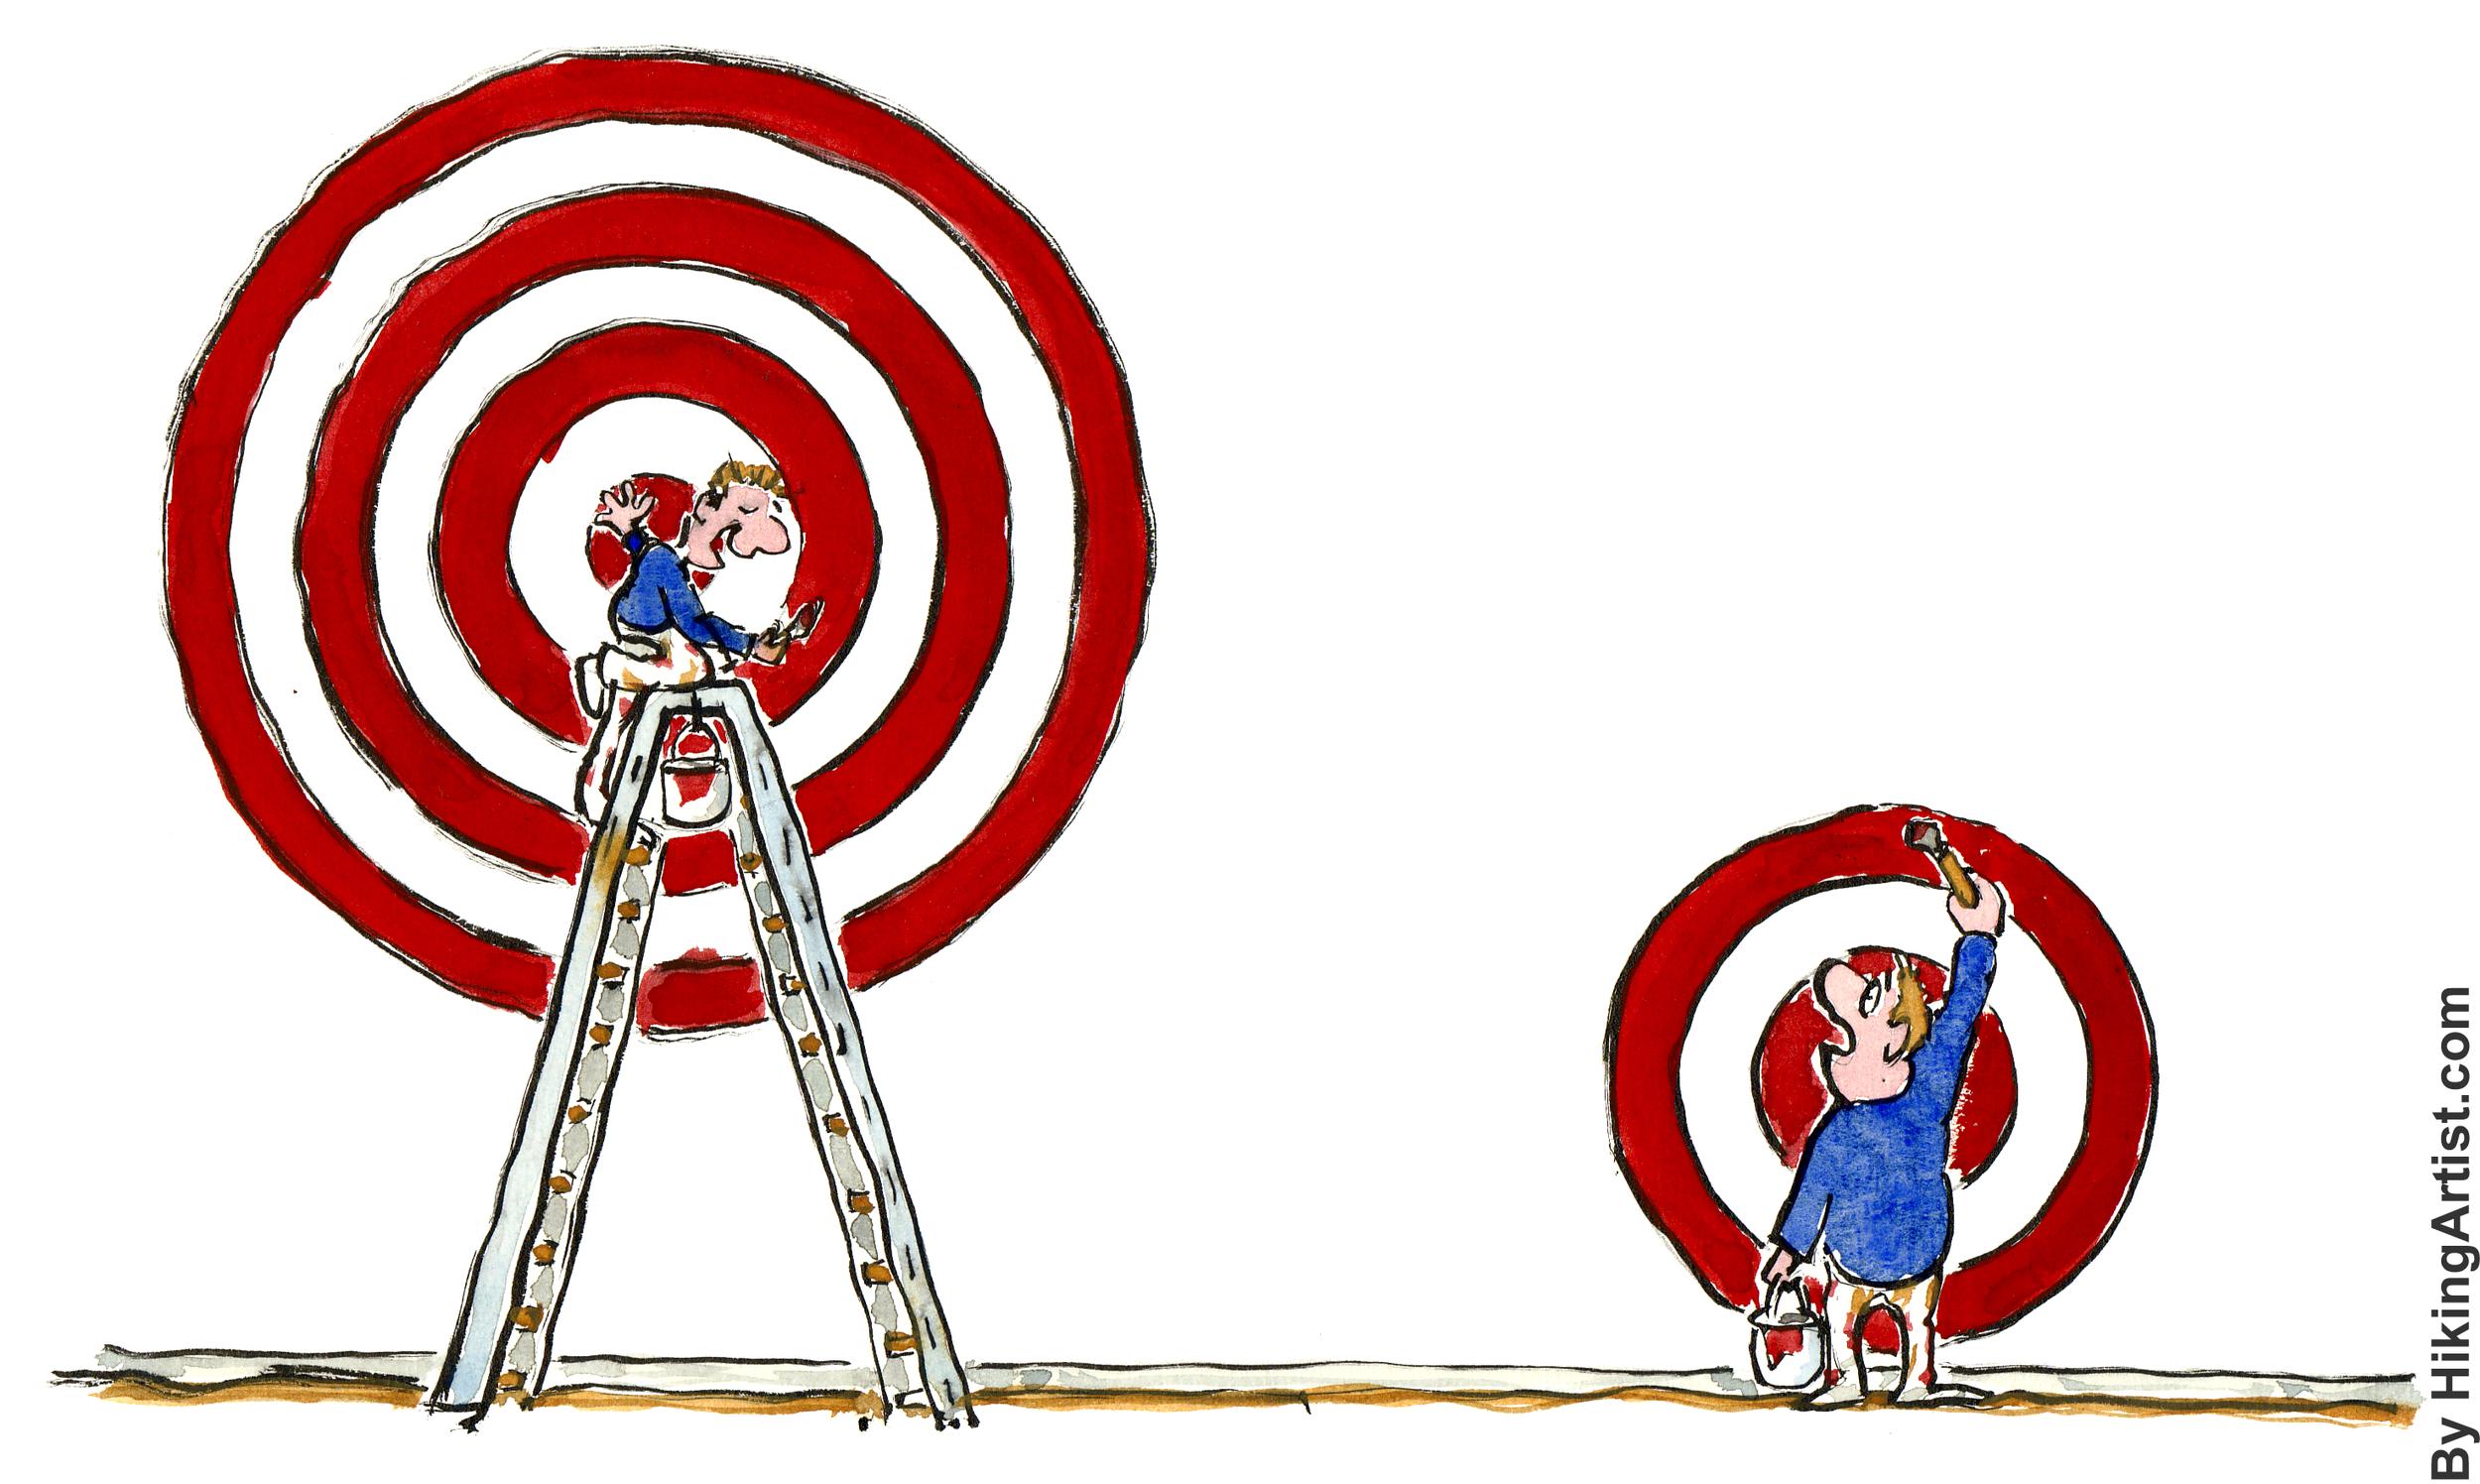 Flickr: Frits Ahlefeldt-Laurvig Defining targets differently